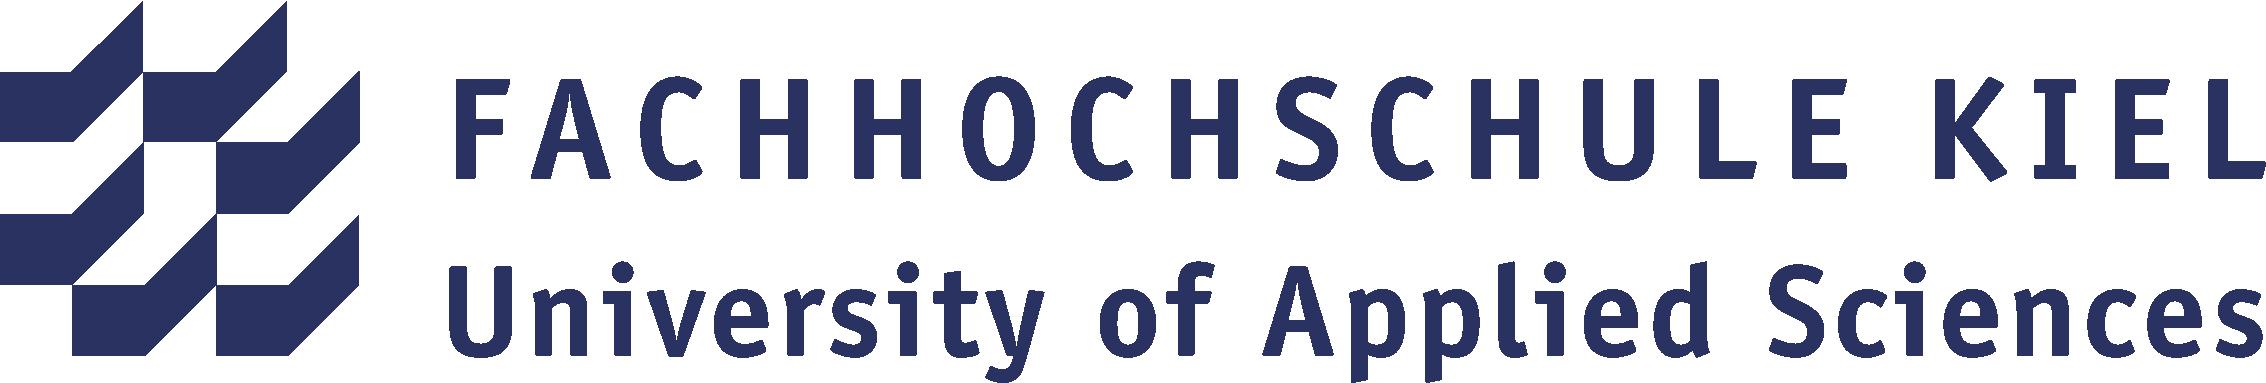 FH_Kiel_Logo.png